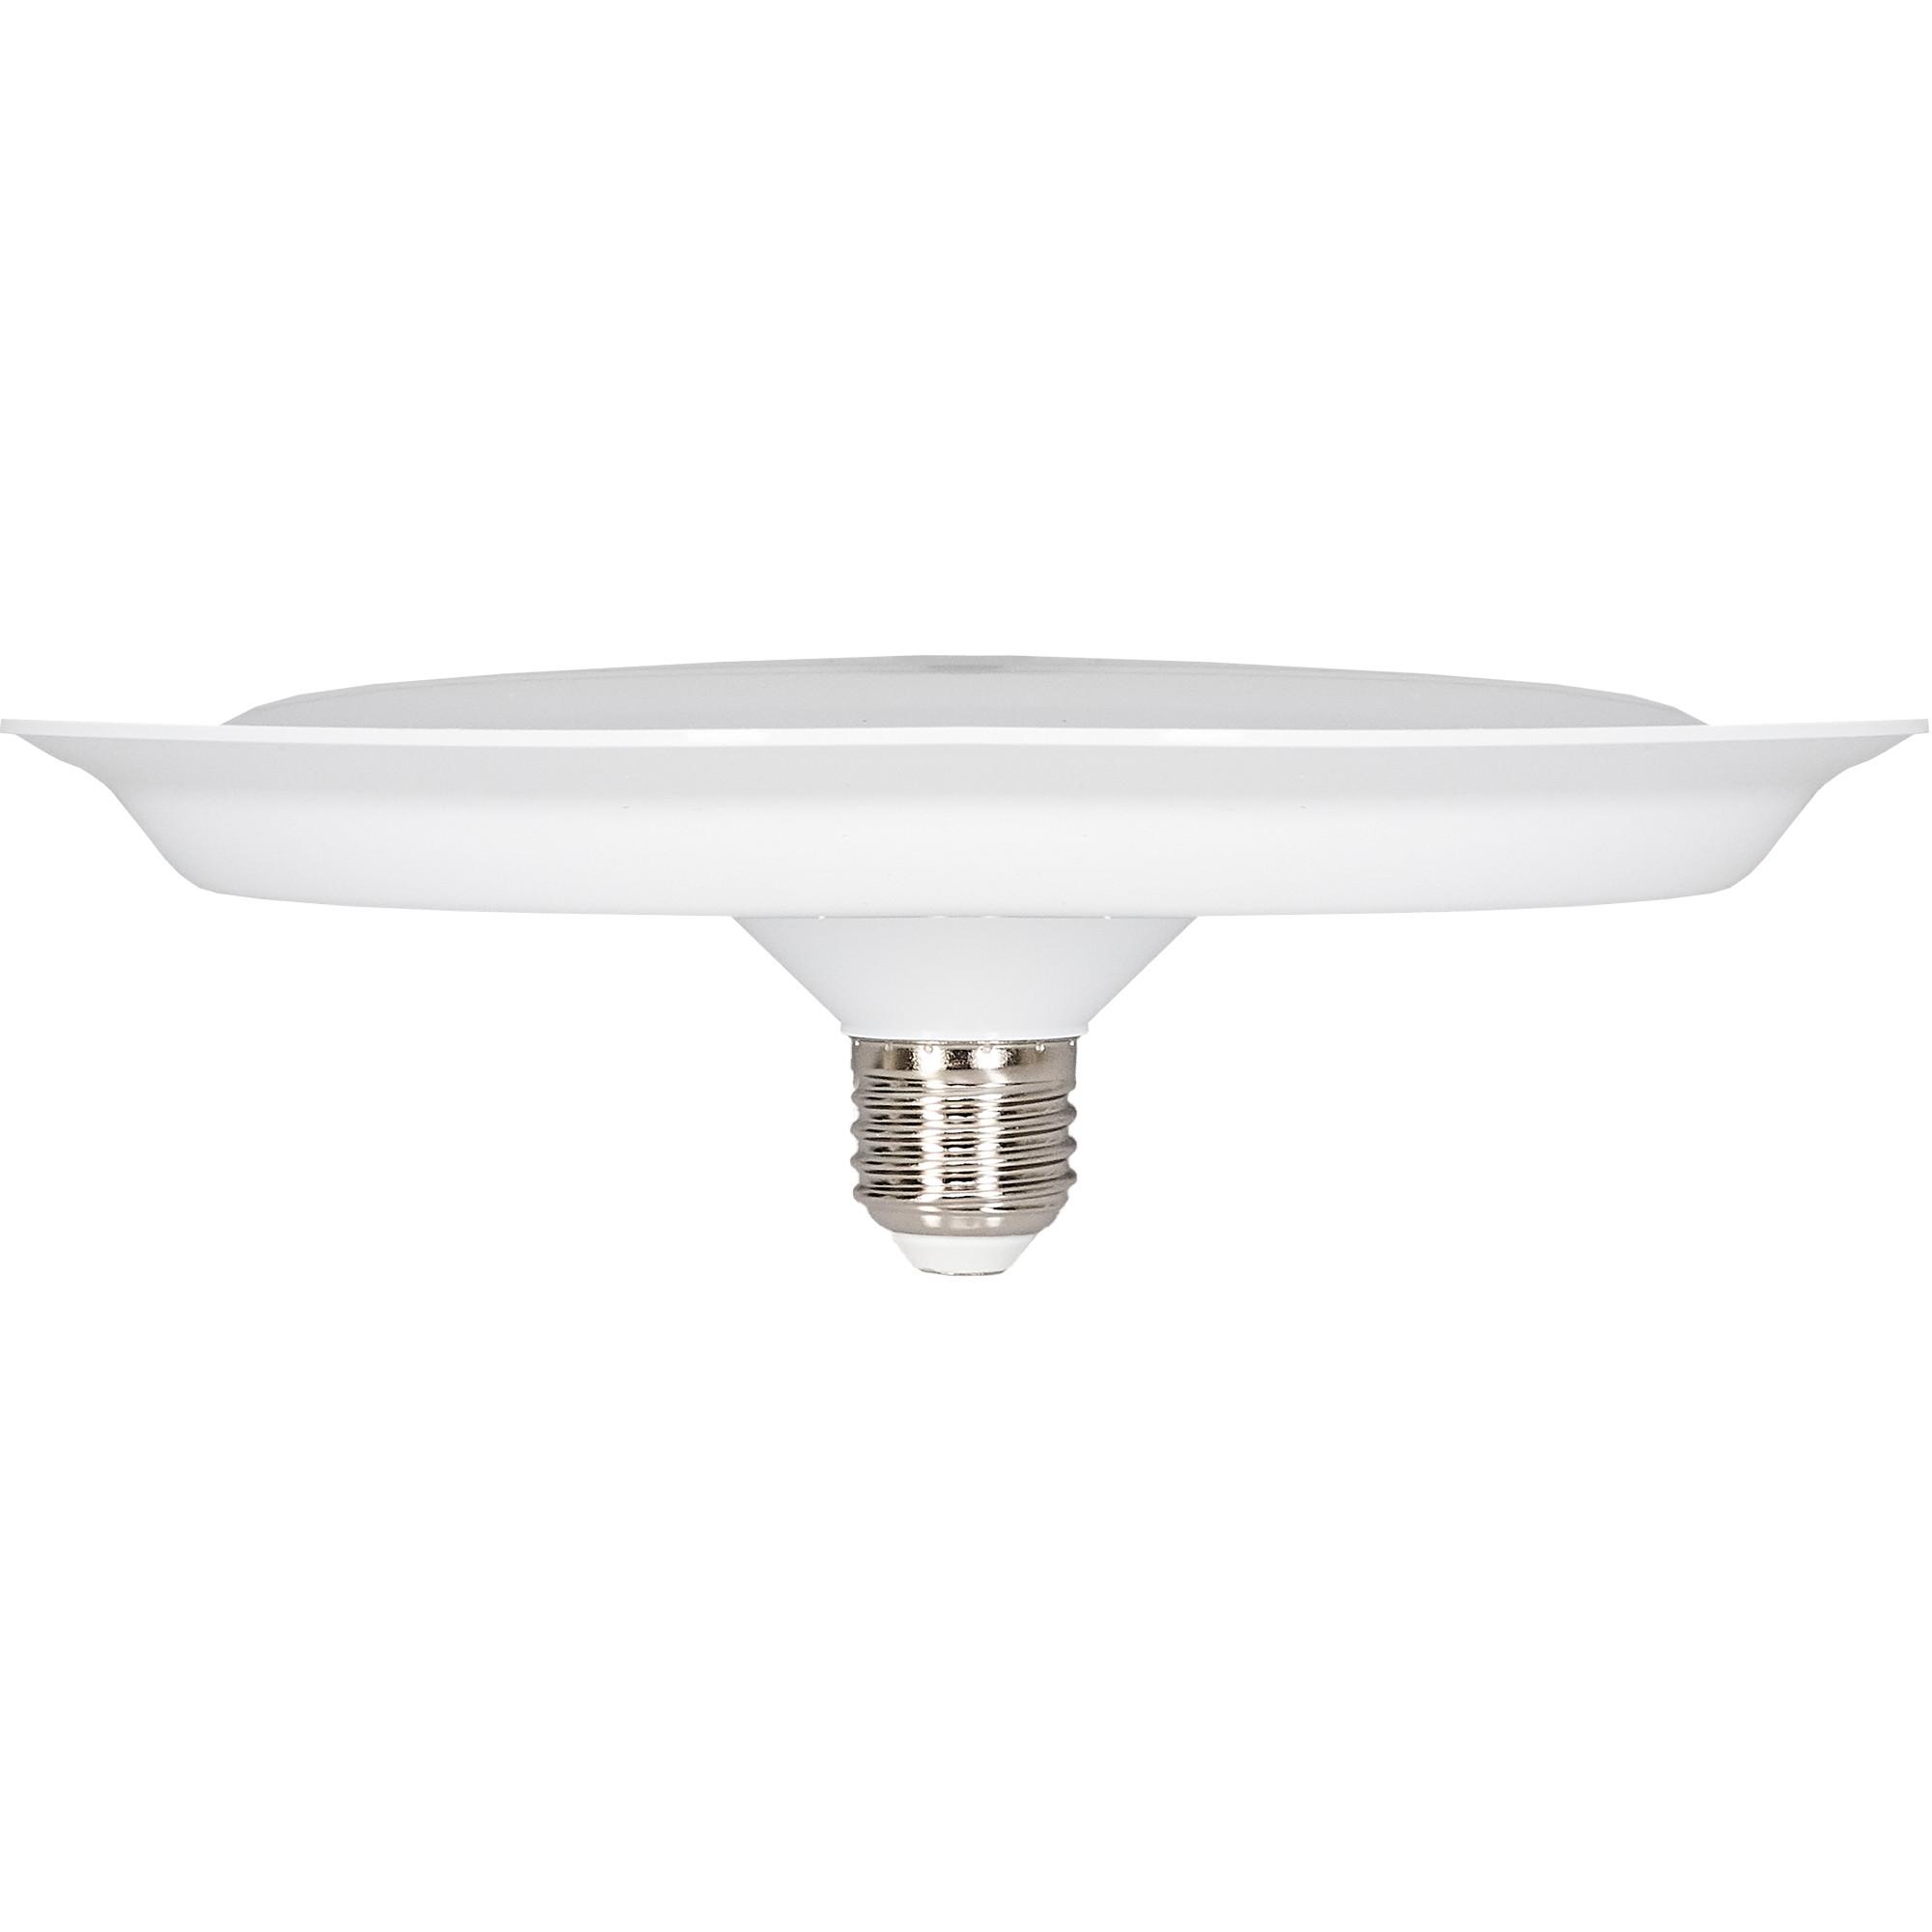 Лампа светодиодная Uniel UFO220 E27 220 В 40 Вт диск матовый 3200 лм холодный белый свет